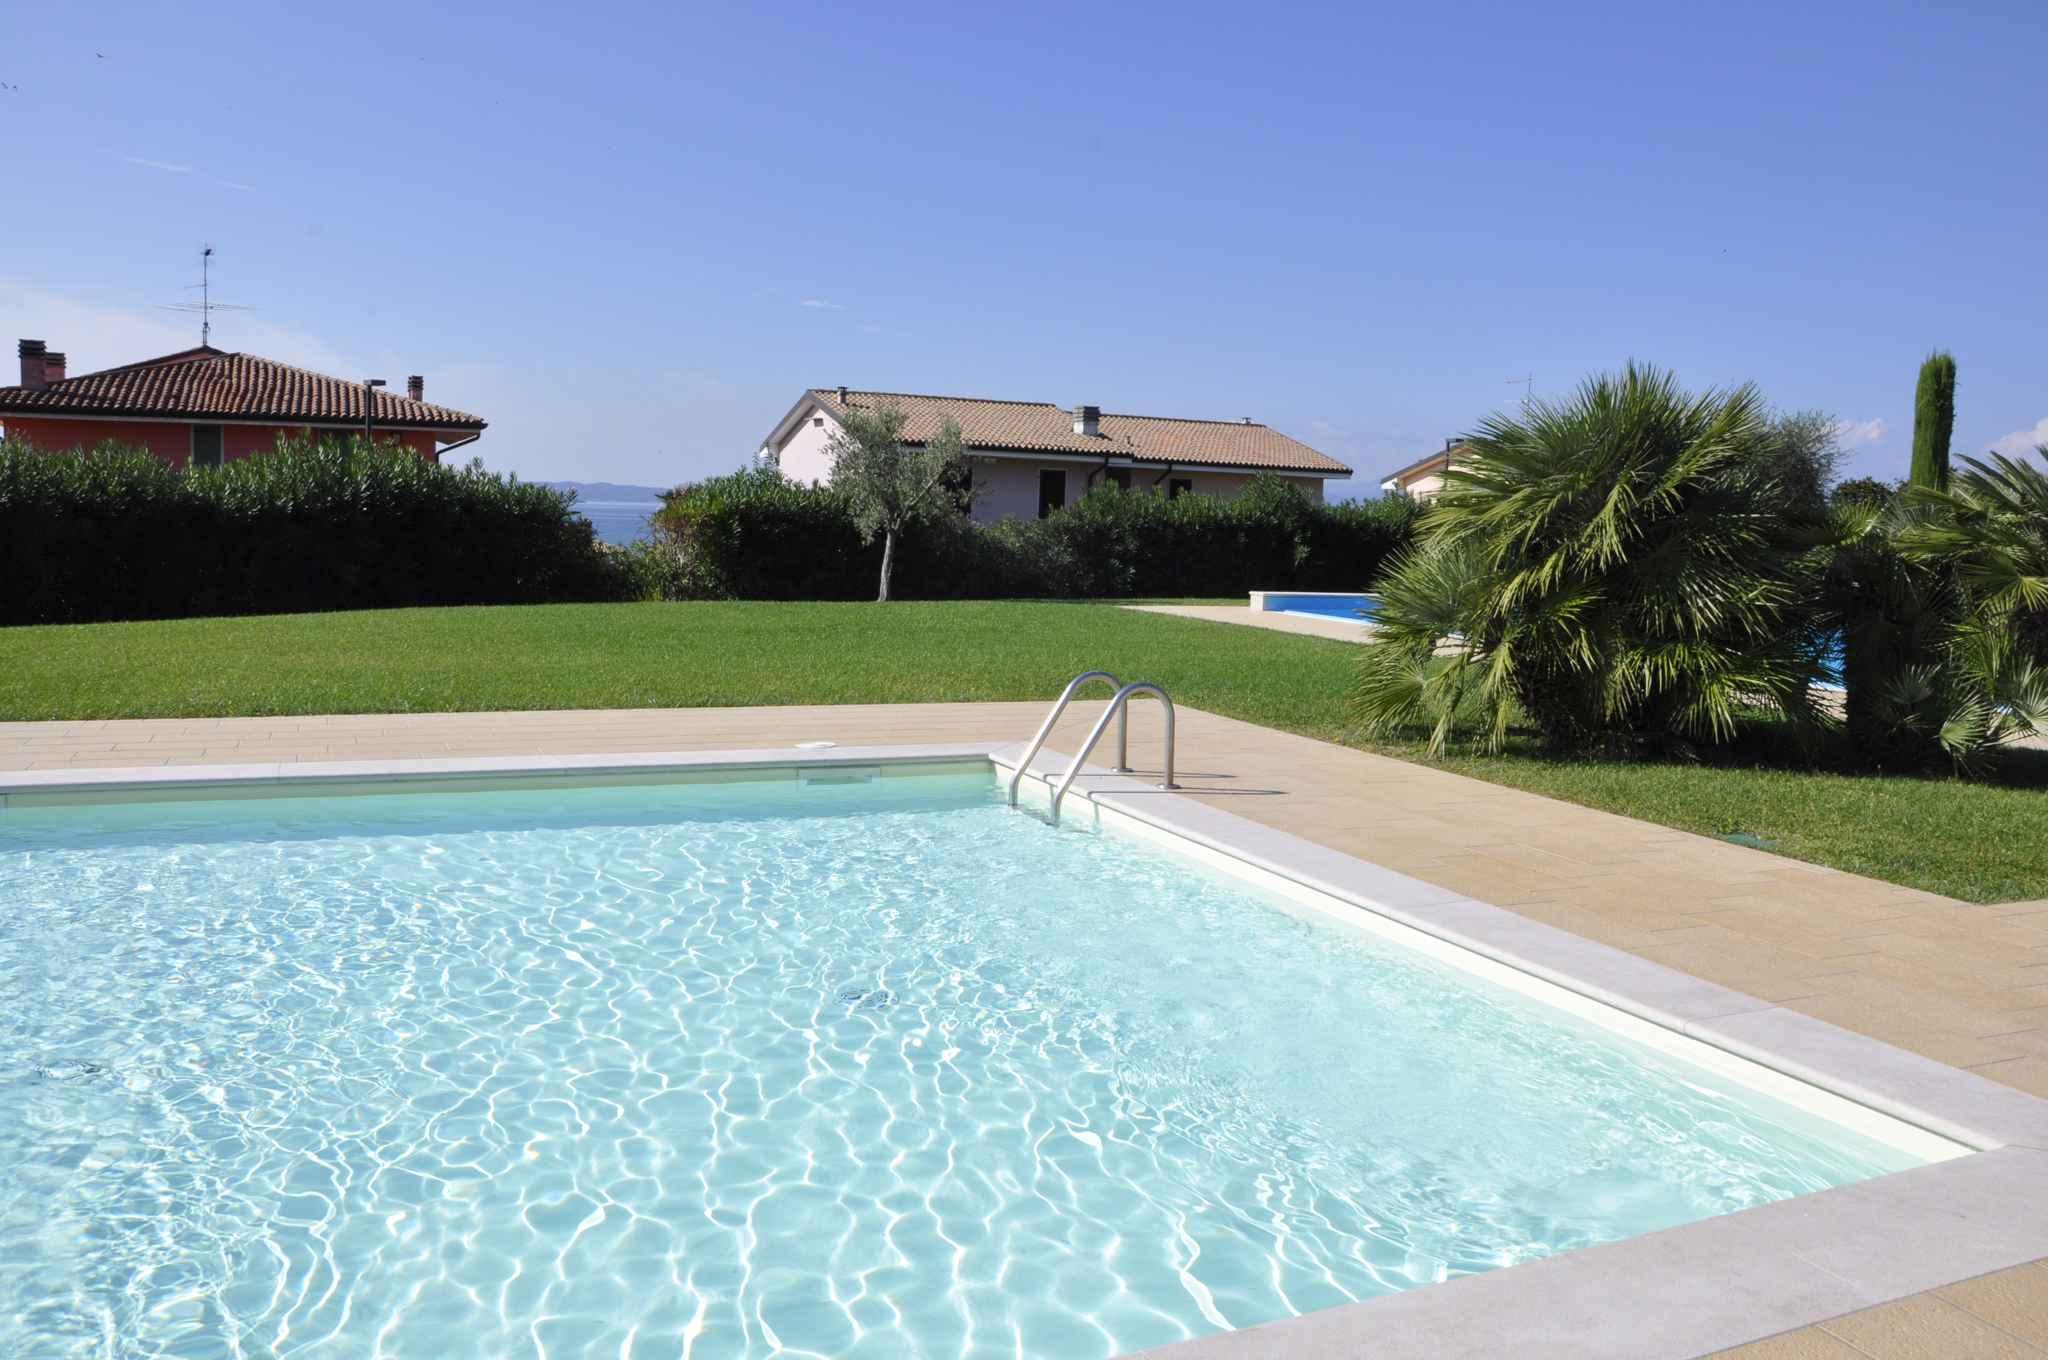 Ferienwohnung con piscina (279601), Lazise, Gardasee, Venetien, Italien, Bild 6